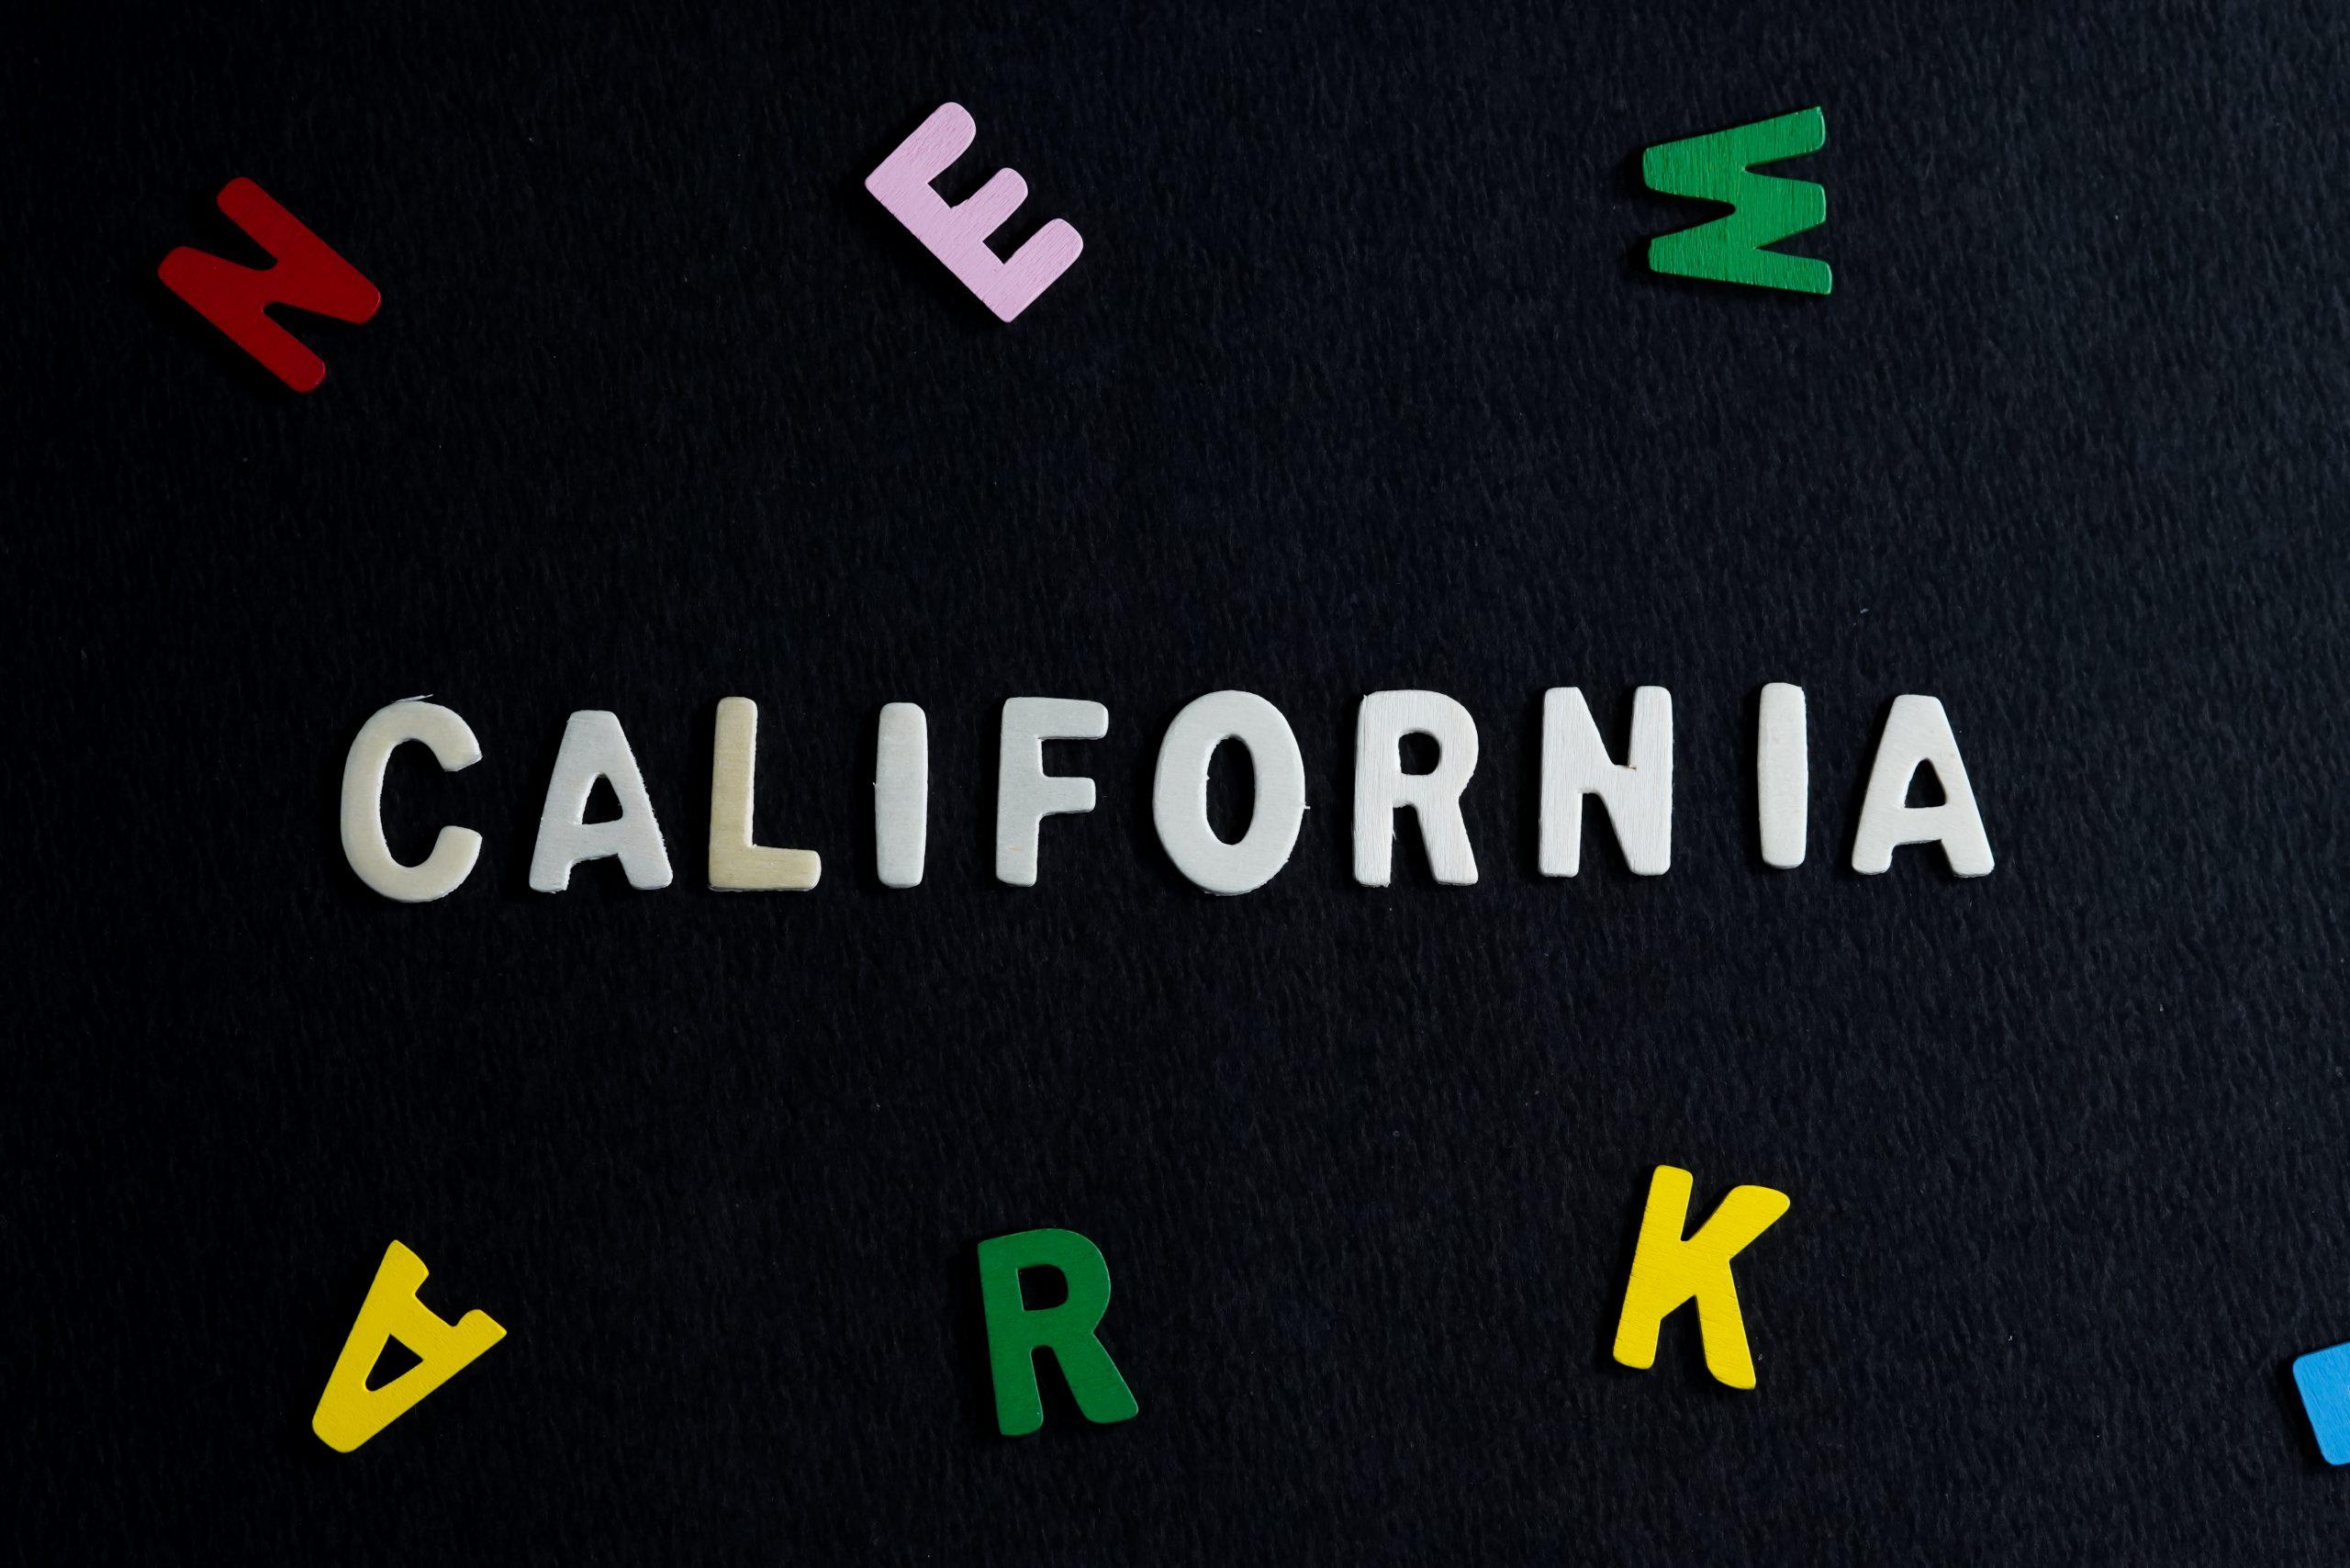 arrangement of letters